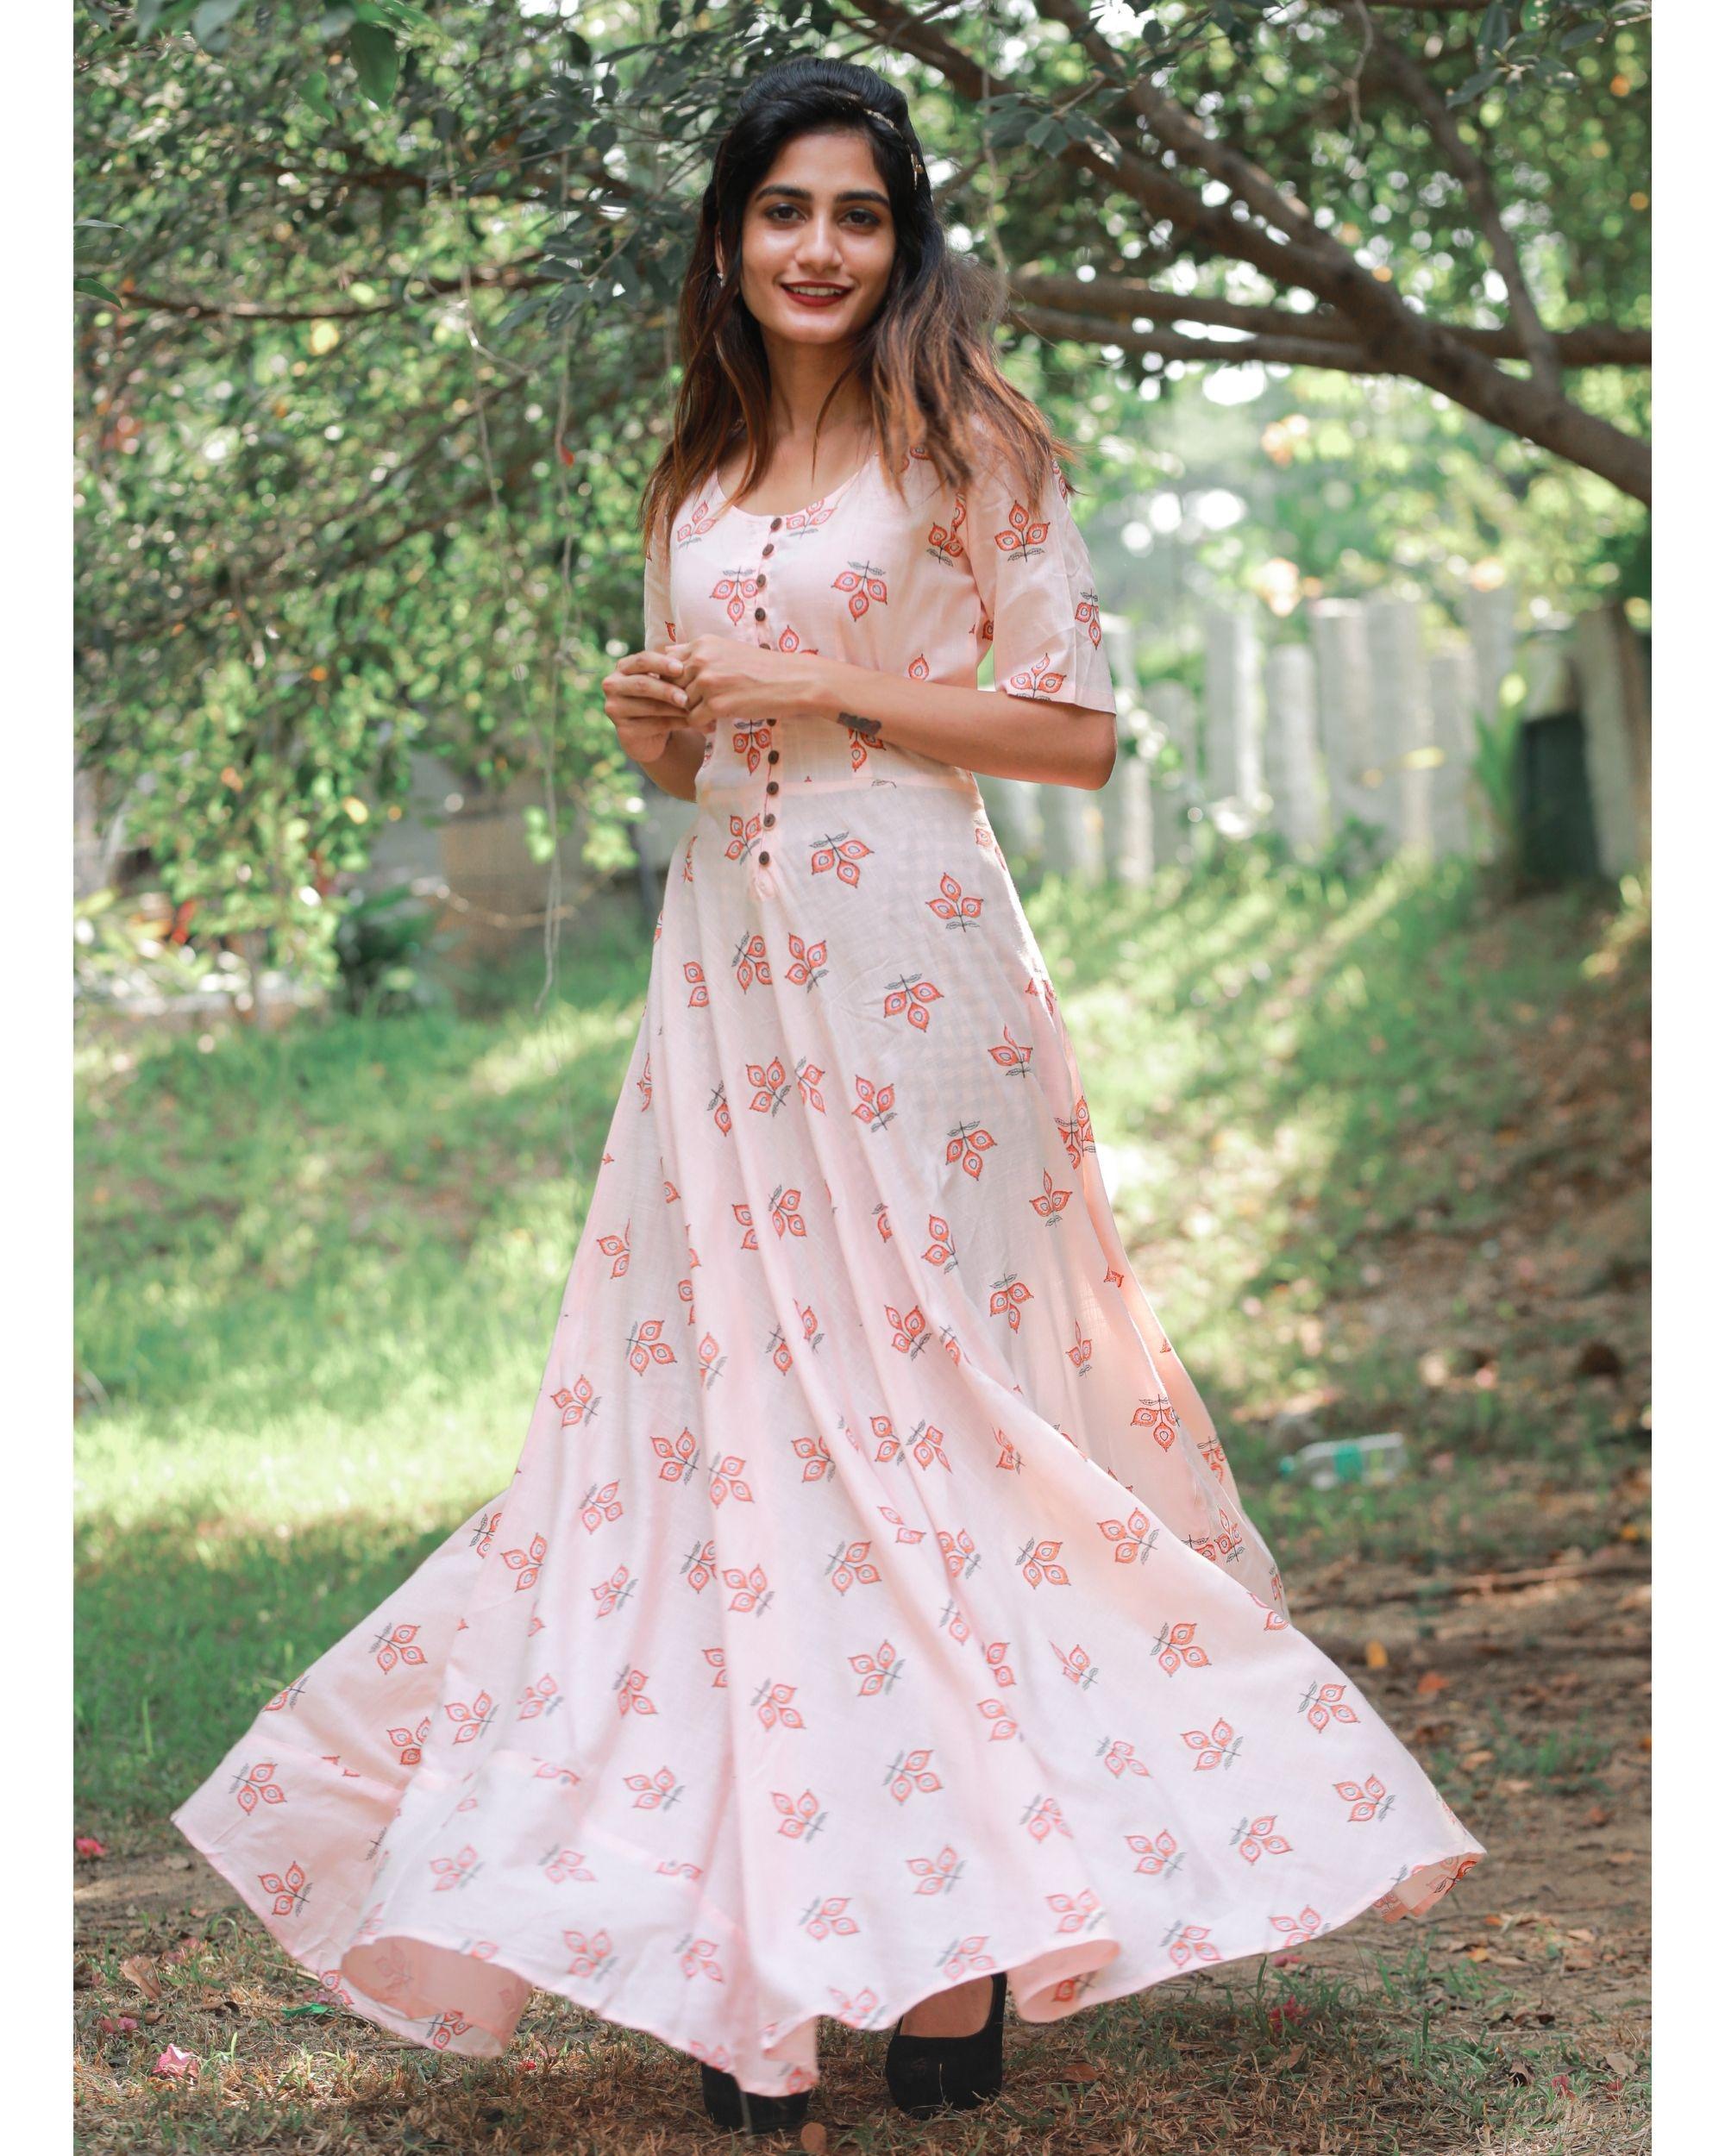 Peach magic dress